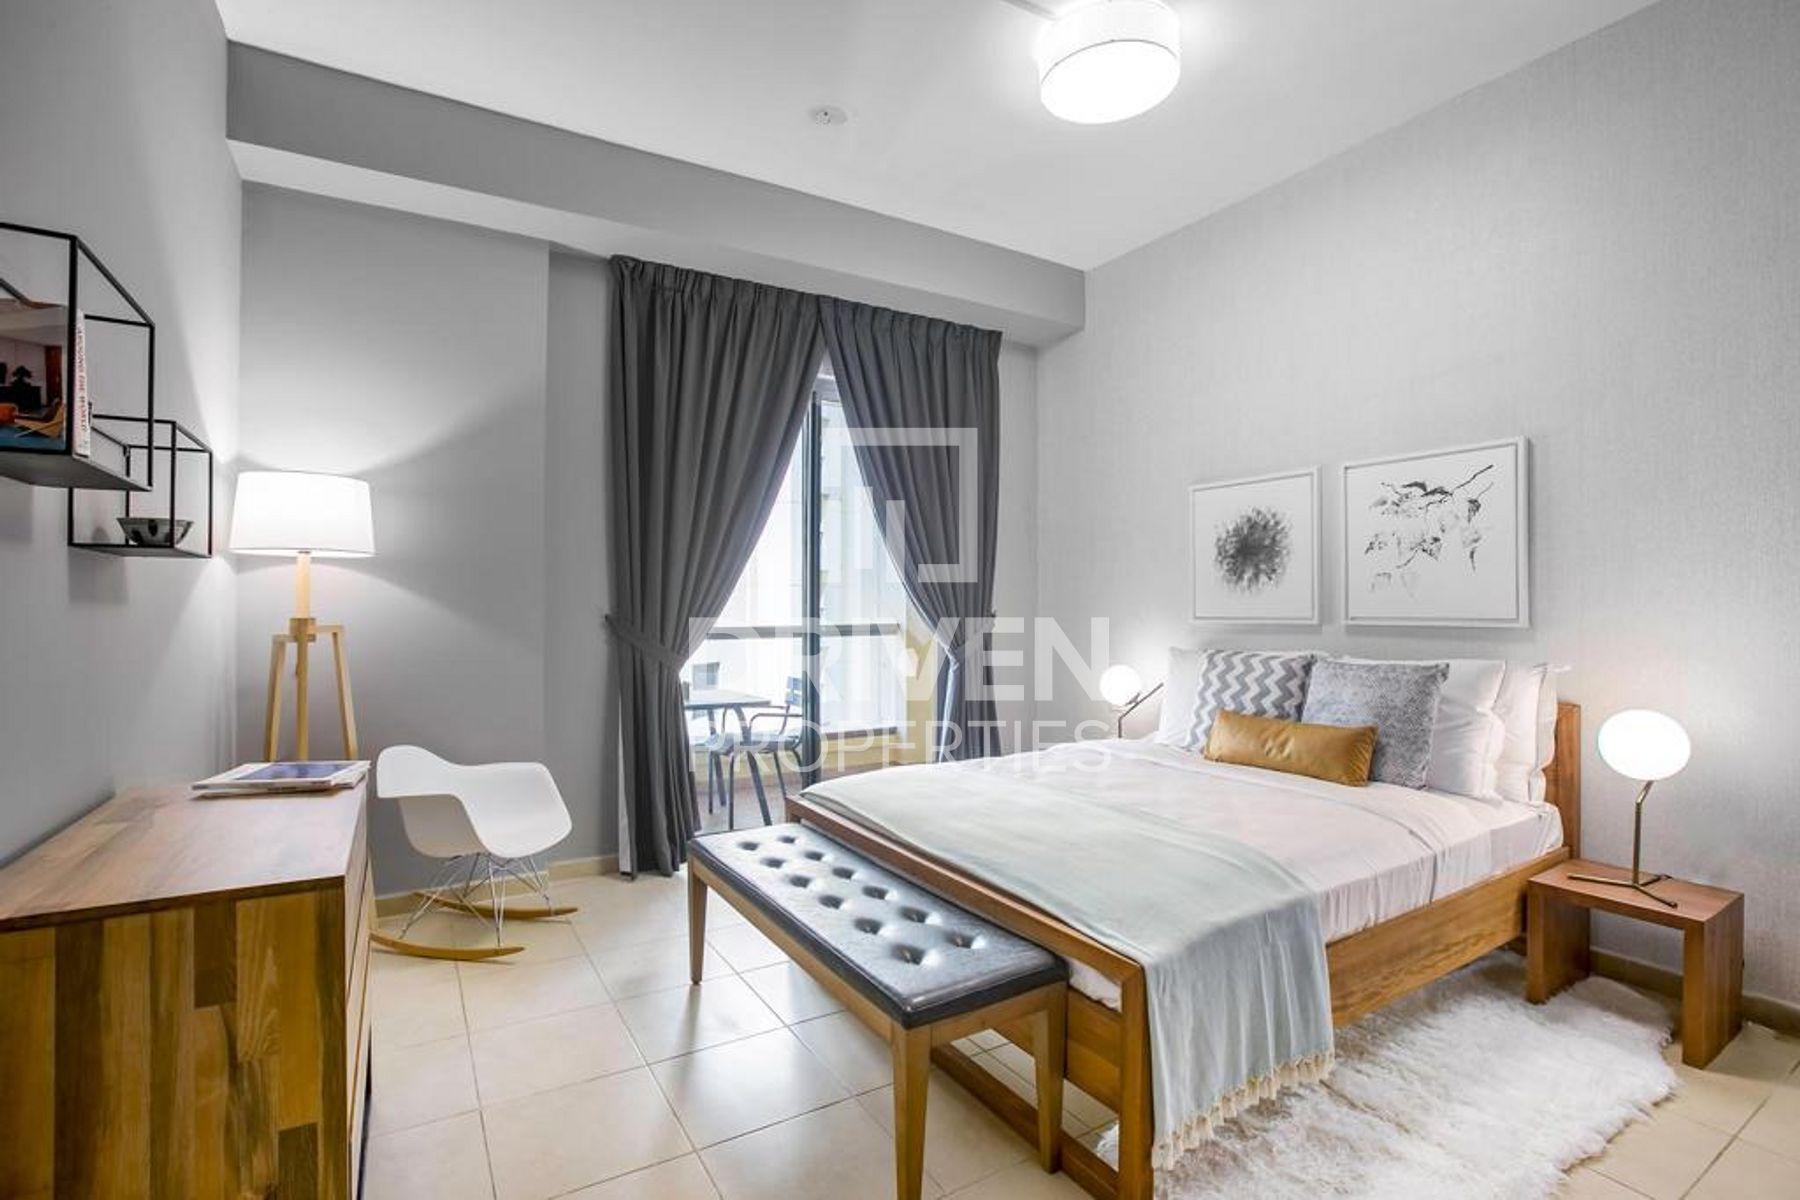 للايجار - شقة - بحر 1 - مساكن شاطئ الجميرا